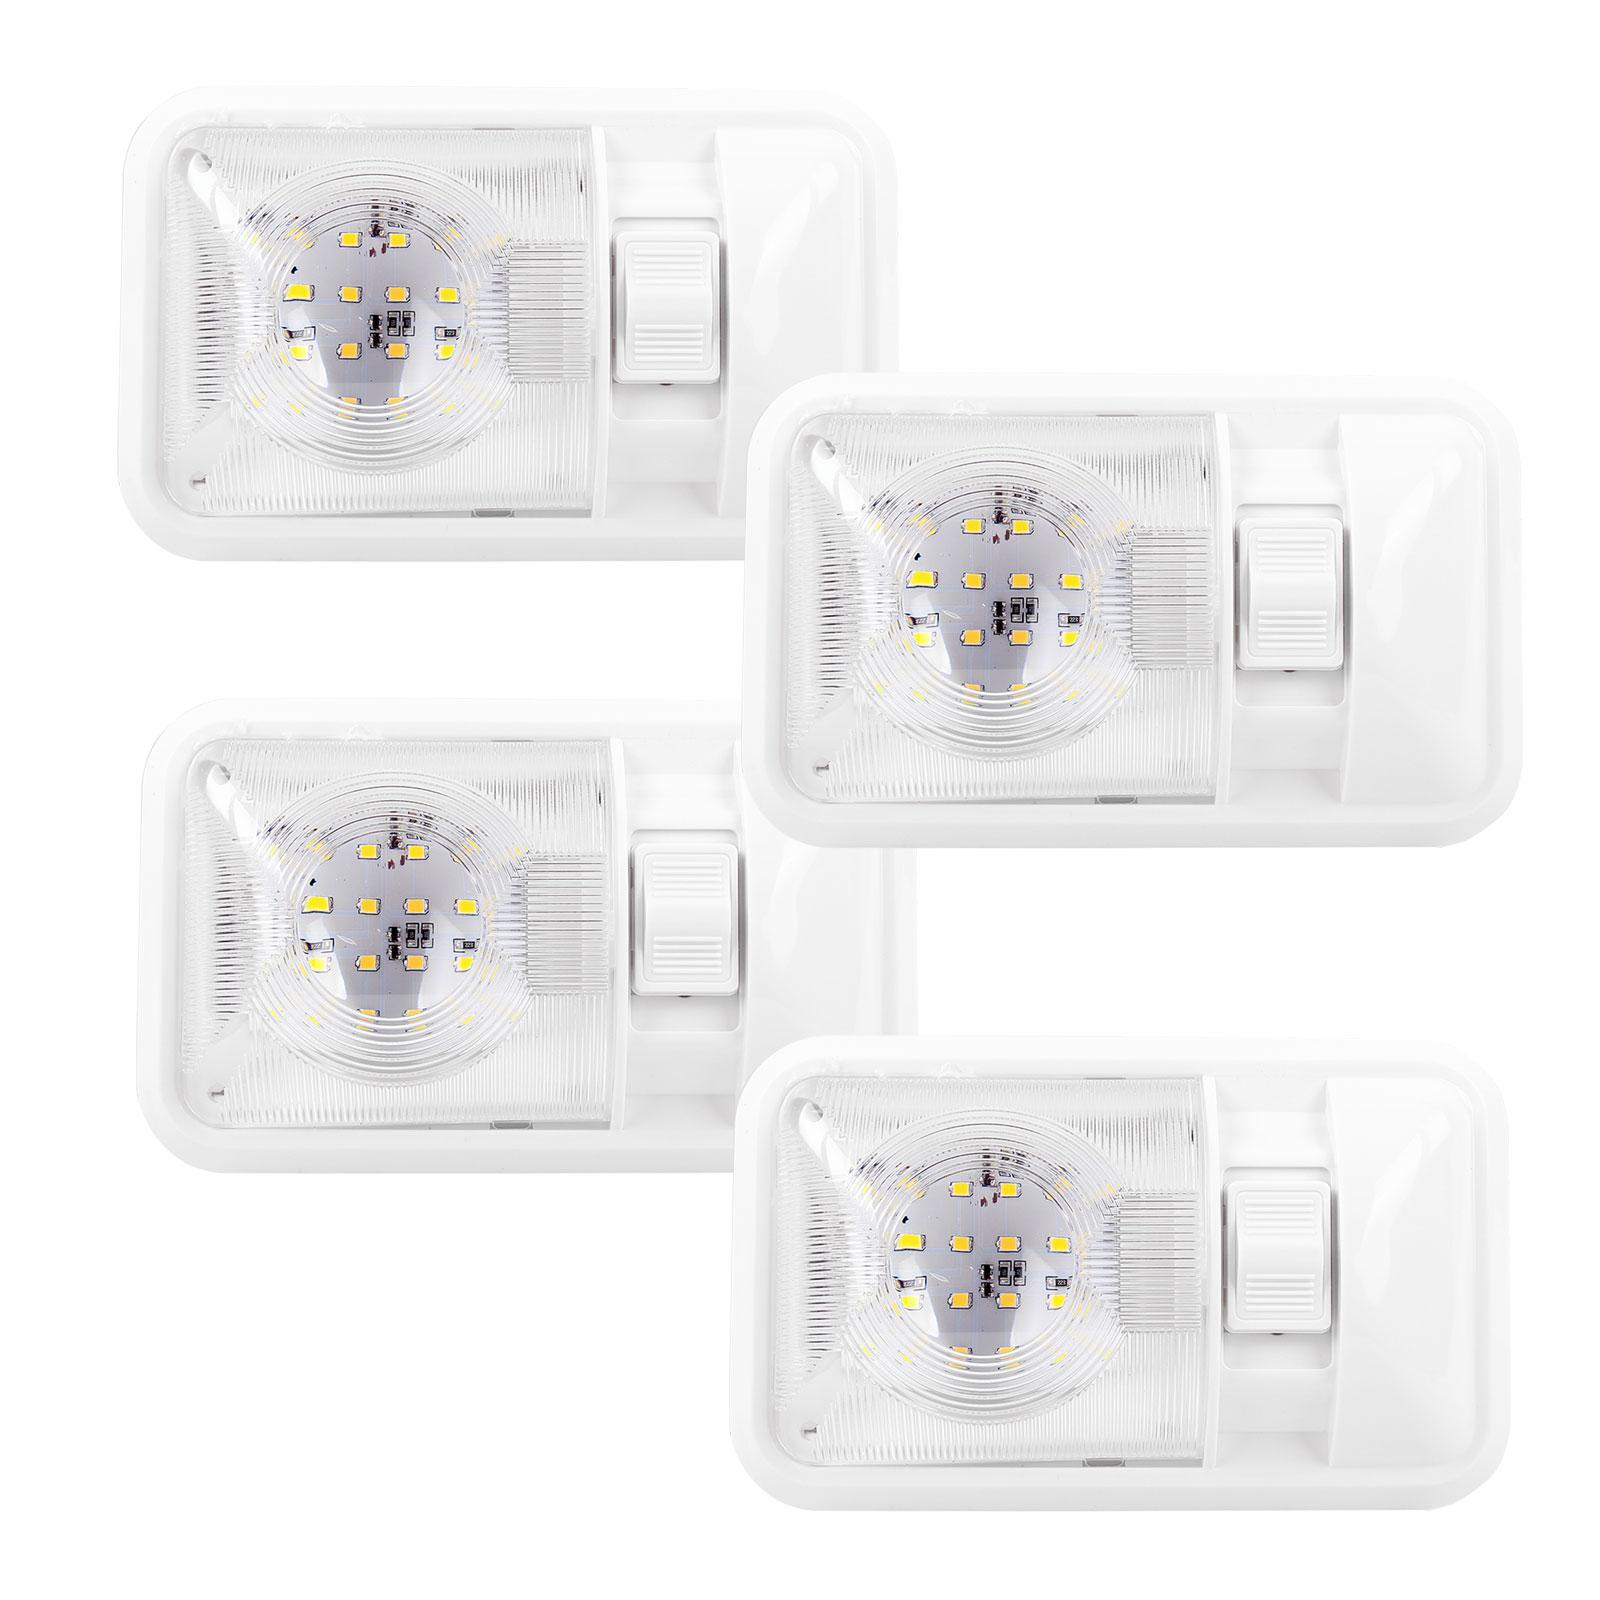 Aufbauleuchte 4er Set 24-Leds, 12V, 320lm, 38x208x127mm, Kunststoff